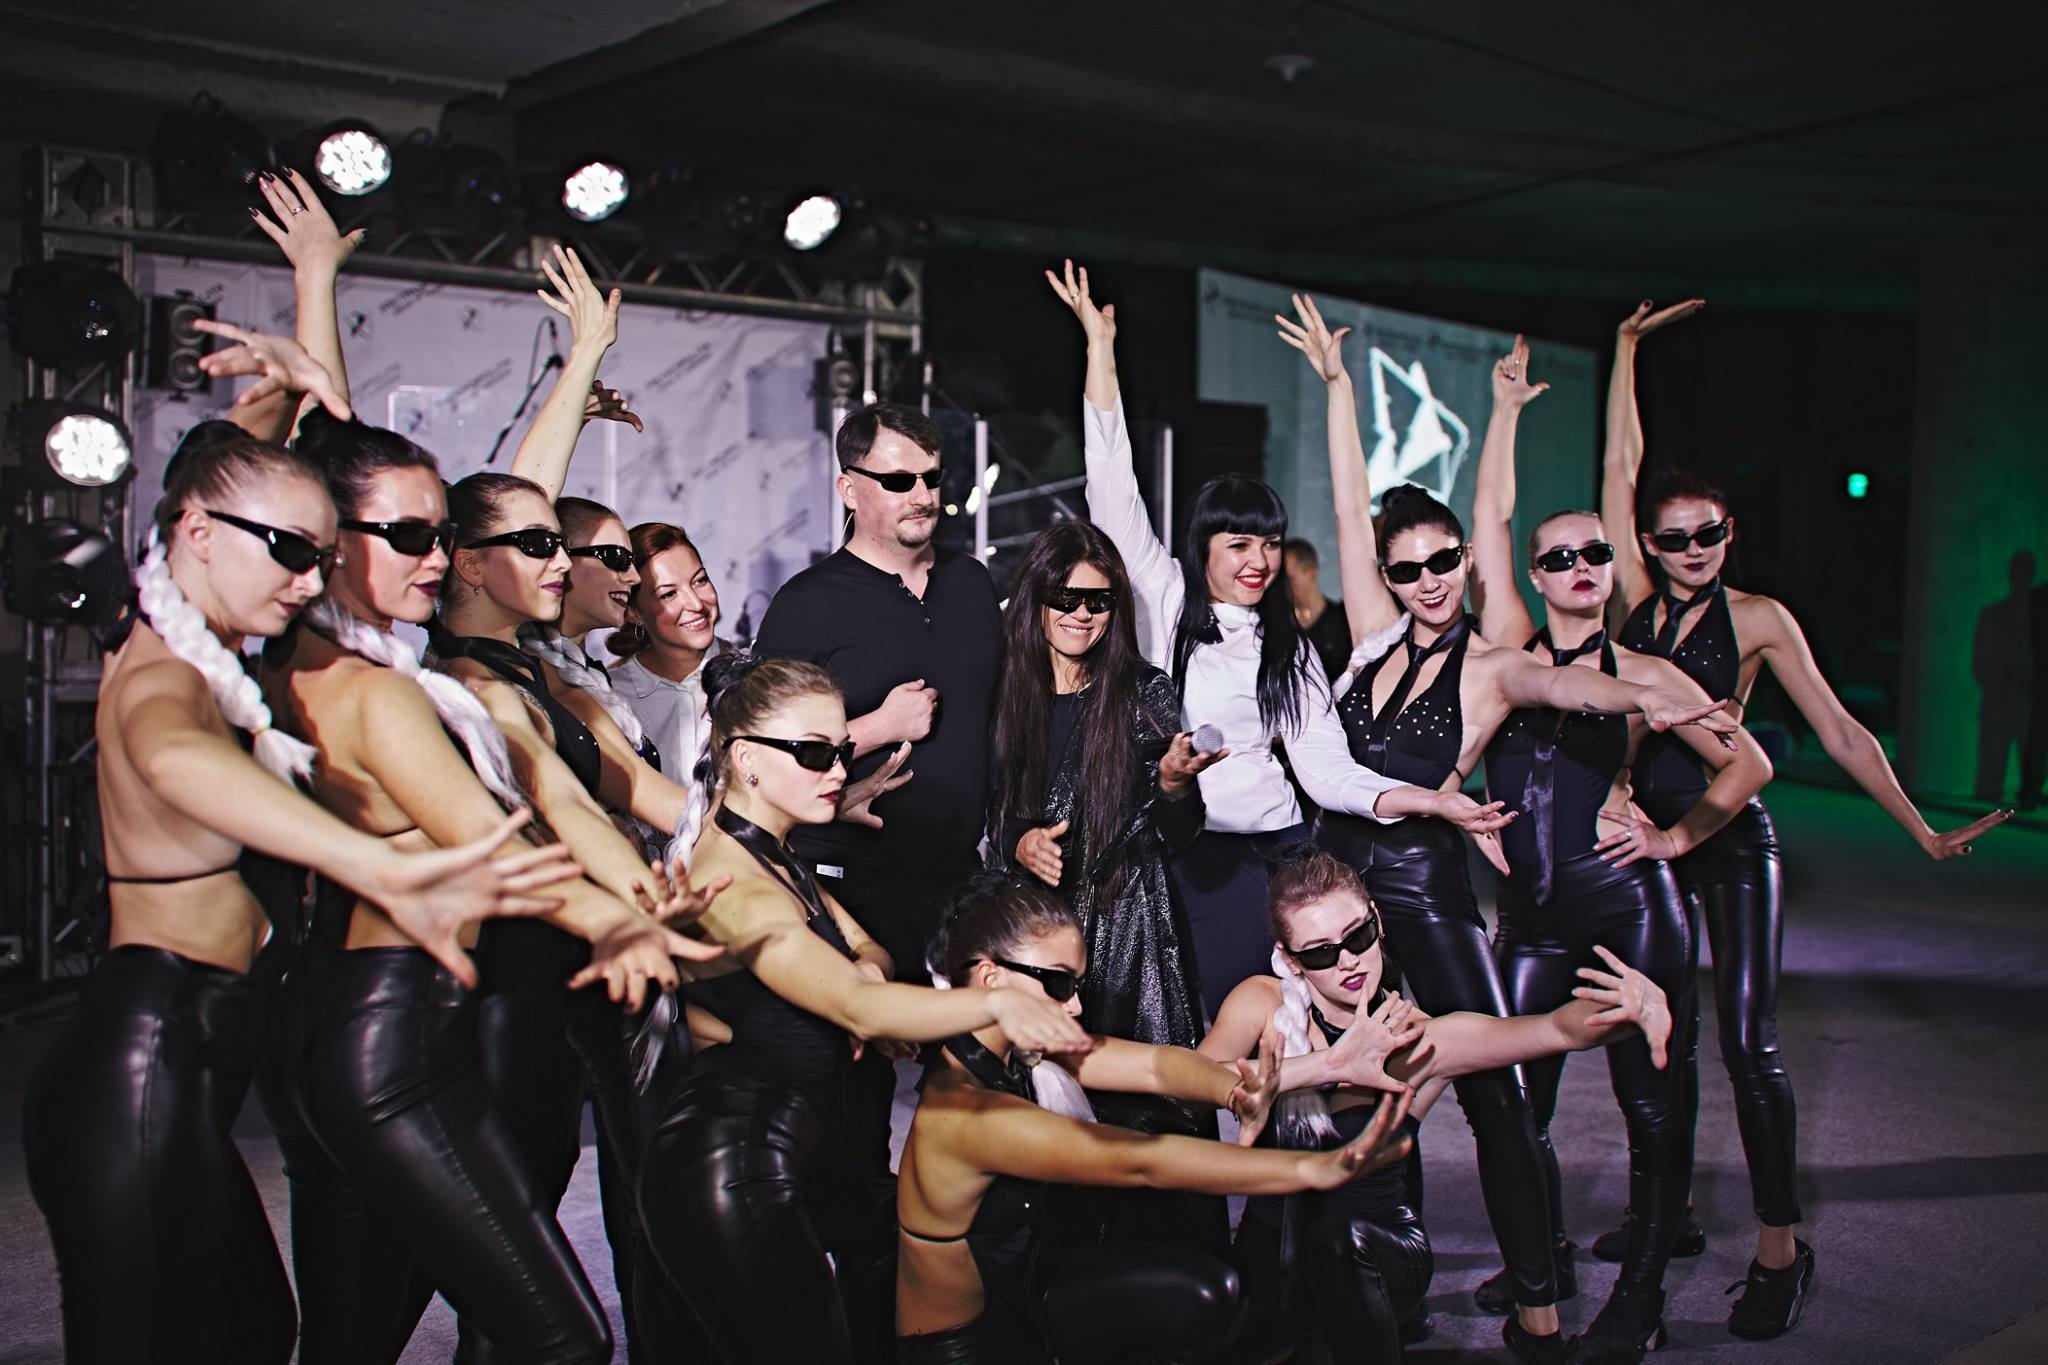 SEFENERGYPARTY – энергетическая вечеринка или поиск новых смыслов?